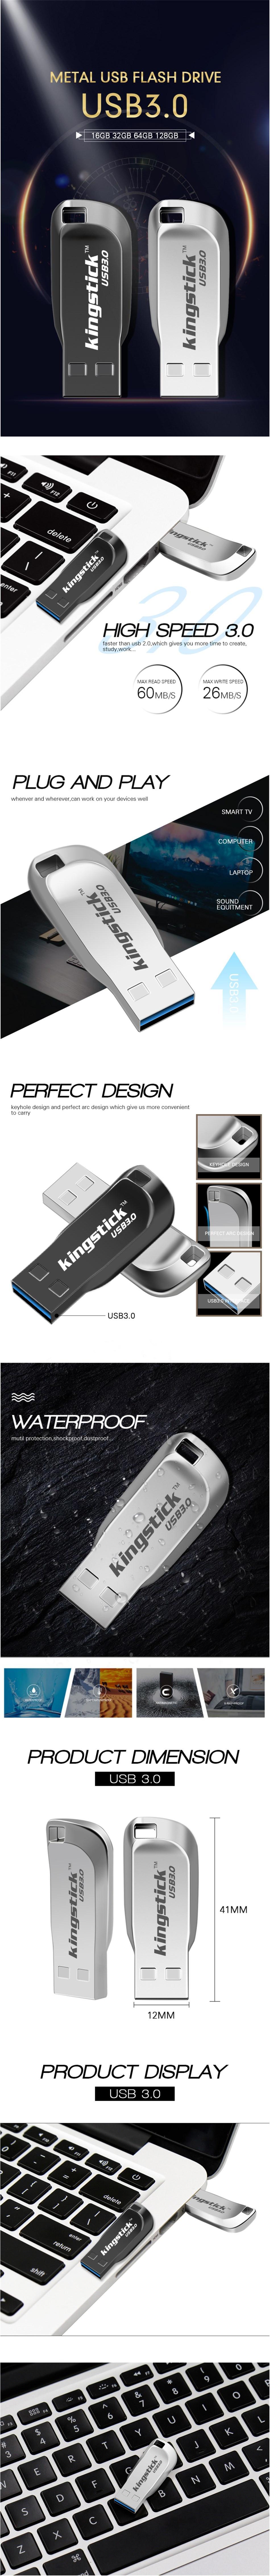 Kingstick XC-USB-KK-33 Mini USB Flash Drive USB 3.0 16GB 32GB 64GB 128GB Metal Flash Memory Card USB Stick Pen Drive U Disk